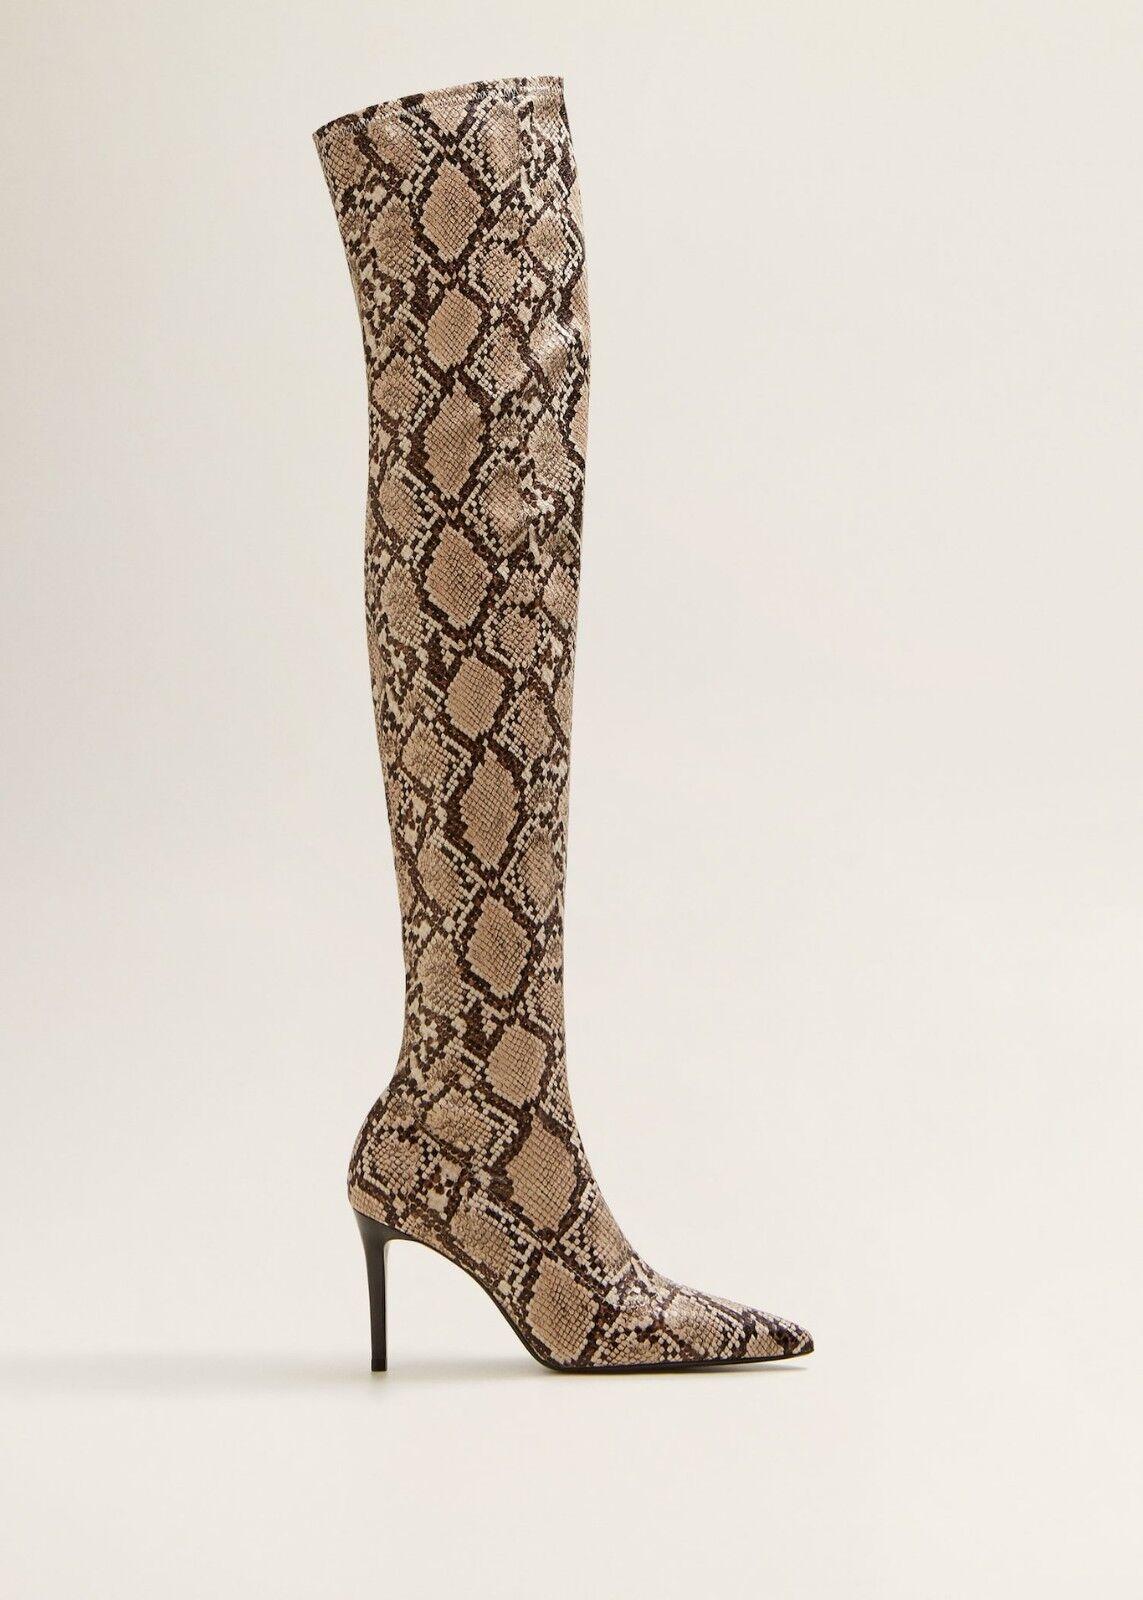 Effetto di  serpente di mango Alto -Leg Pointed Toe stivali Ref. 33015763 dimensione EU37 US6.5 UK4  compra meglio